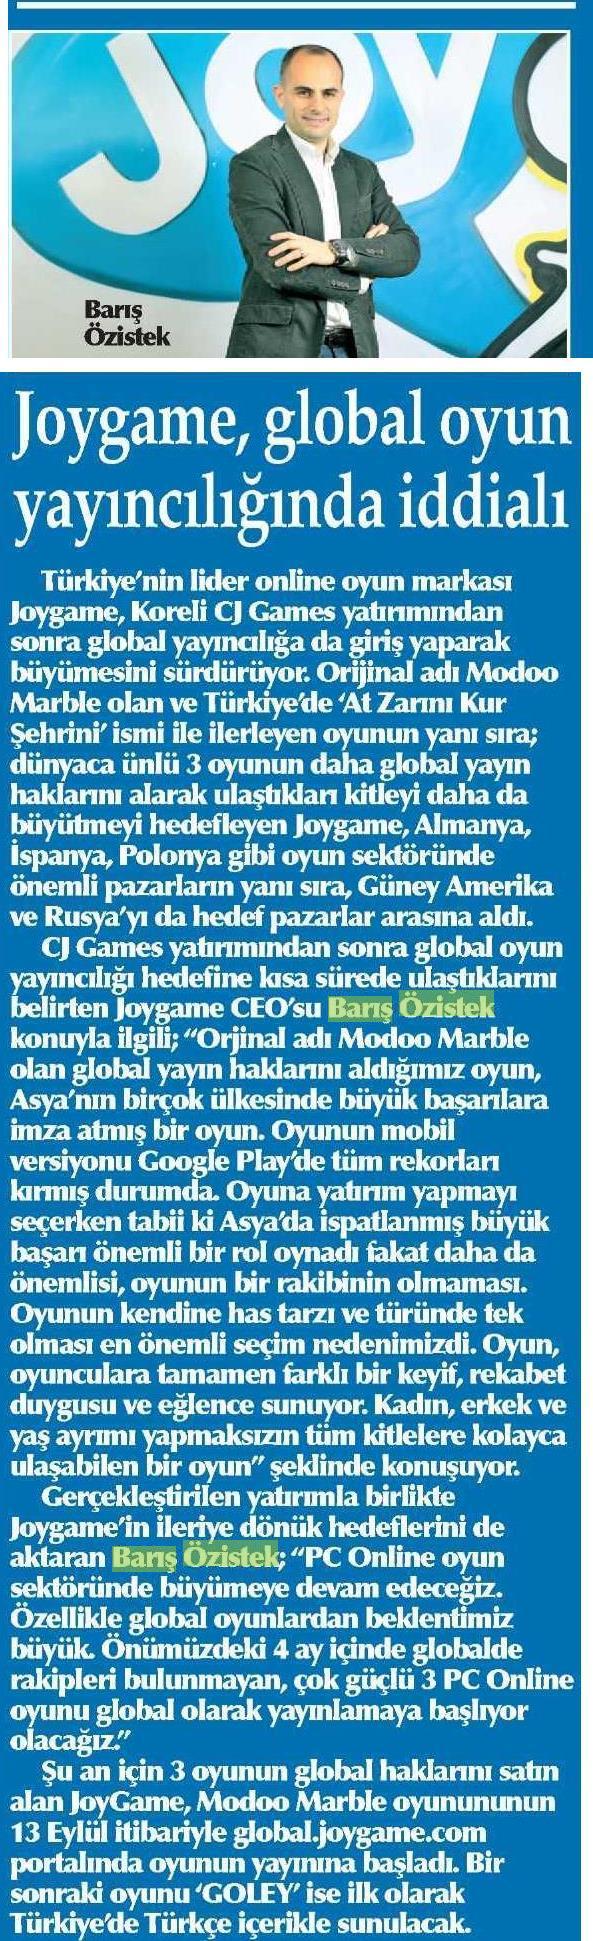 Netmarble-Turkey-Yenigun-Gazetesi-Sayfa-7-6-Aralik-2013